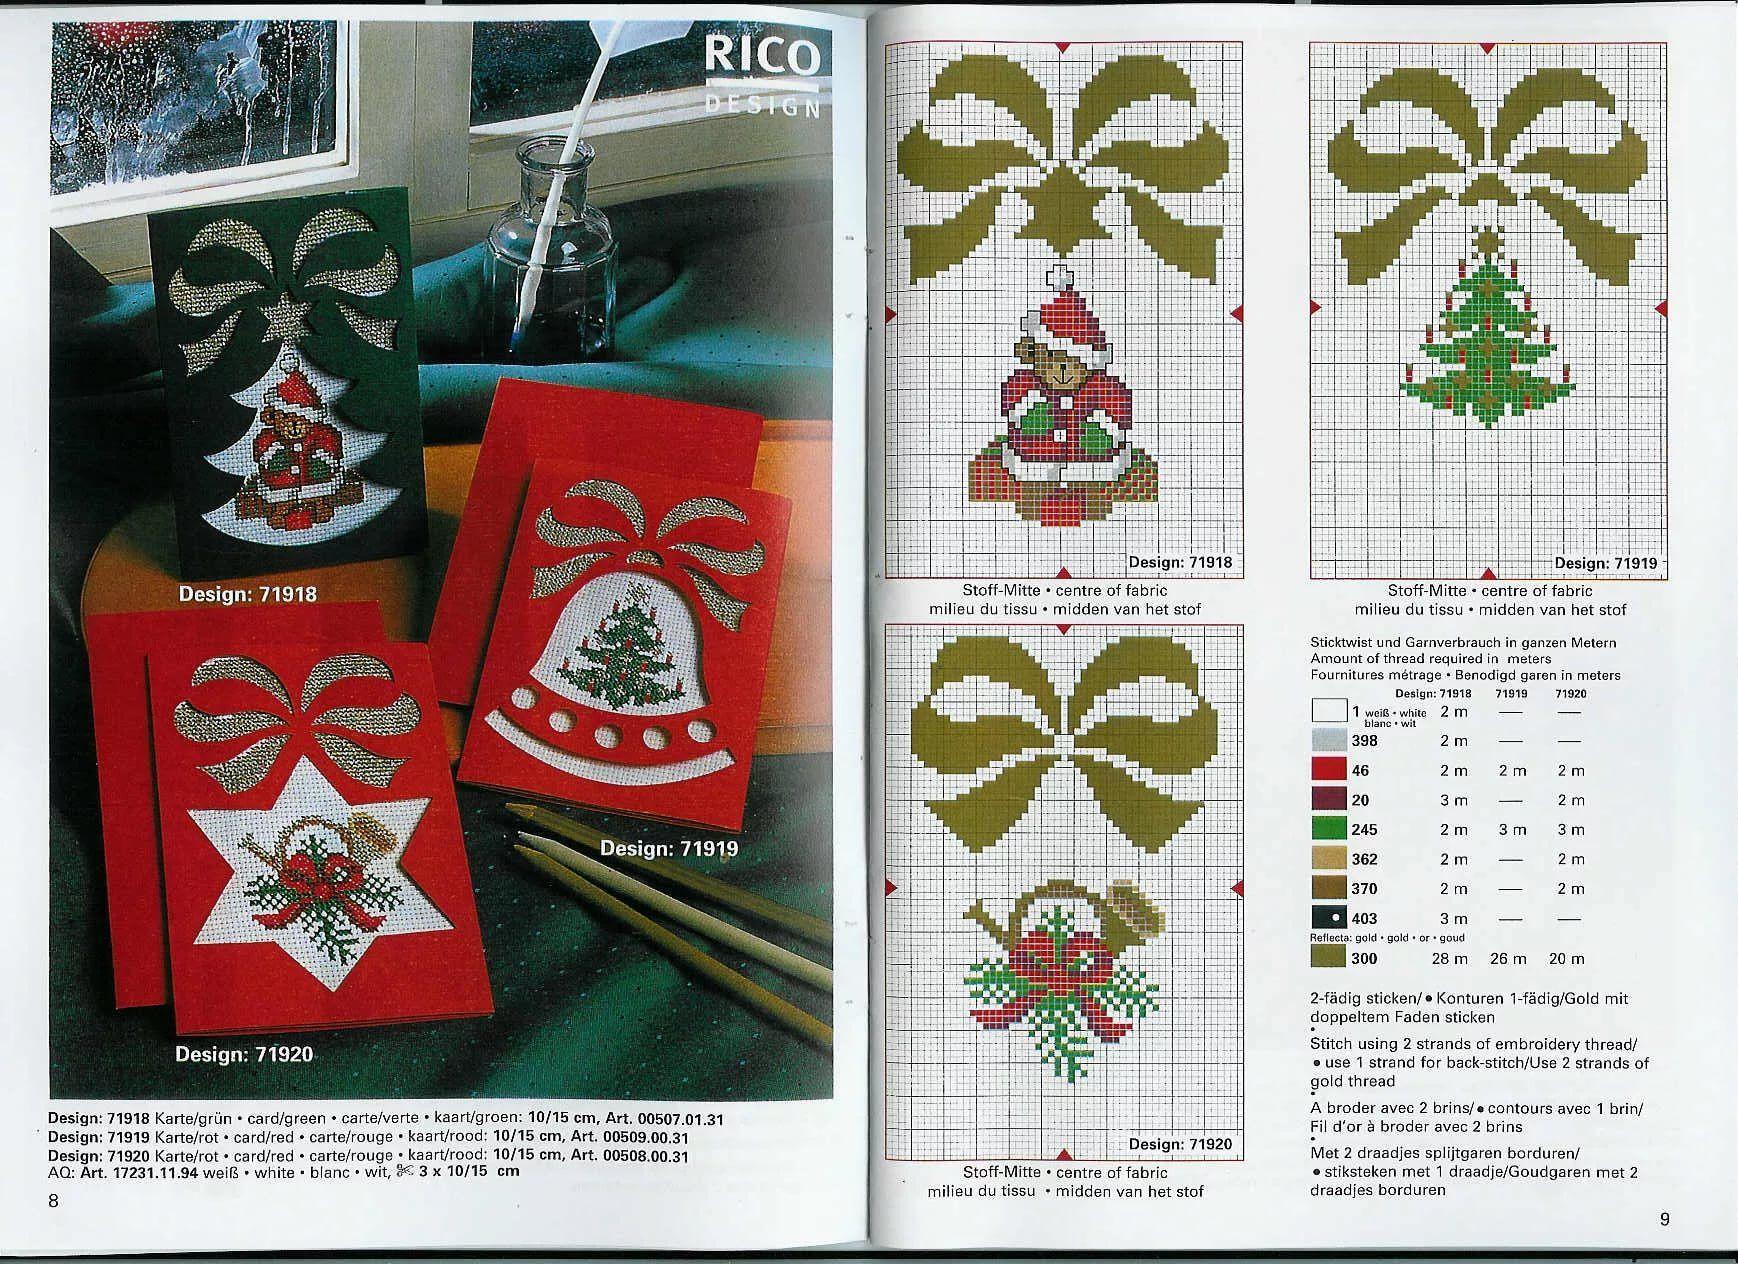 Вышивка крестом новогодних открыток и схема к ним, сделать картинку